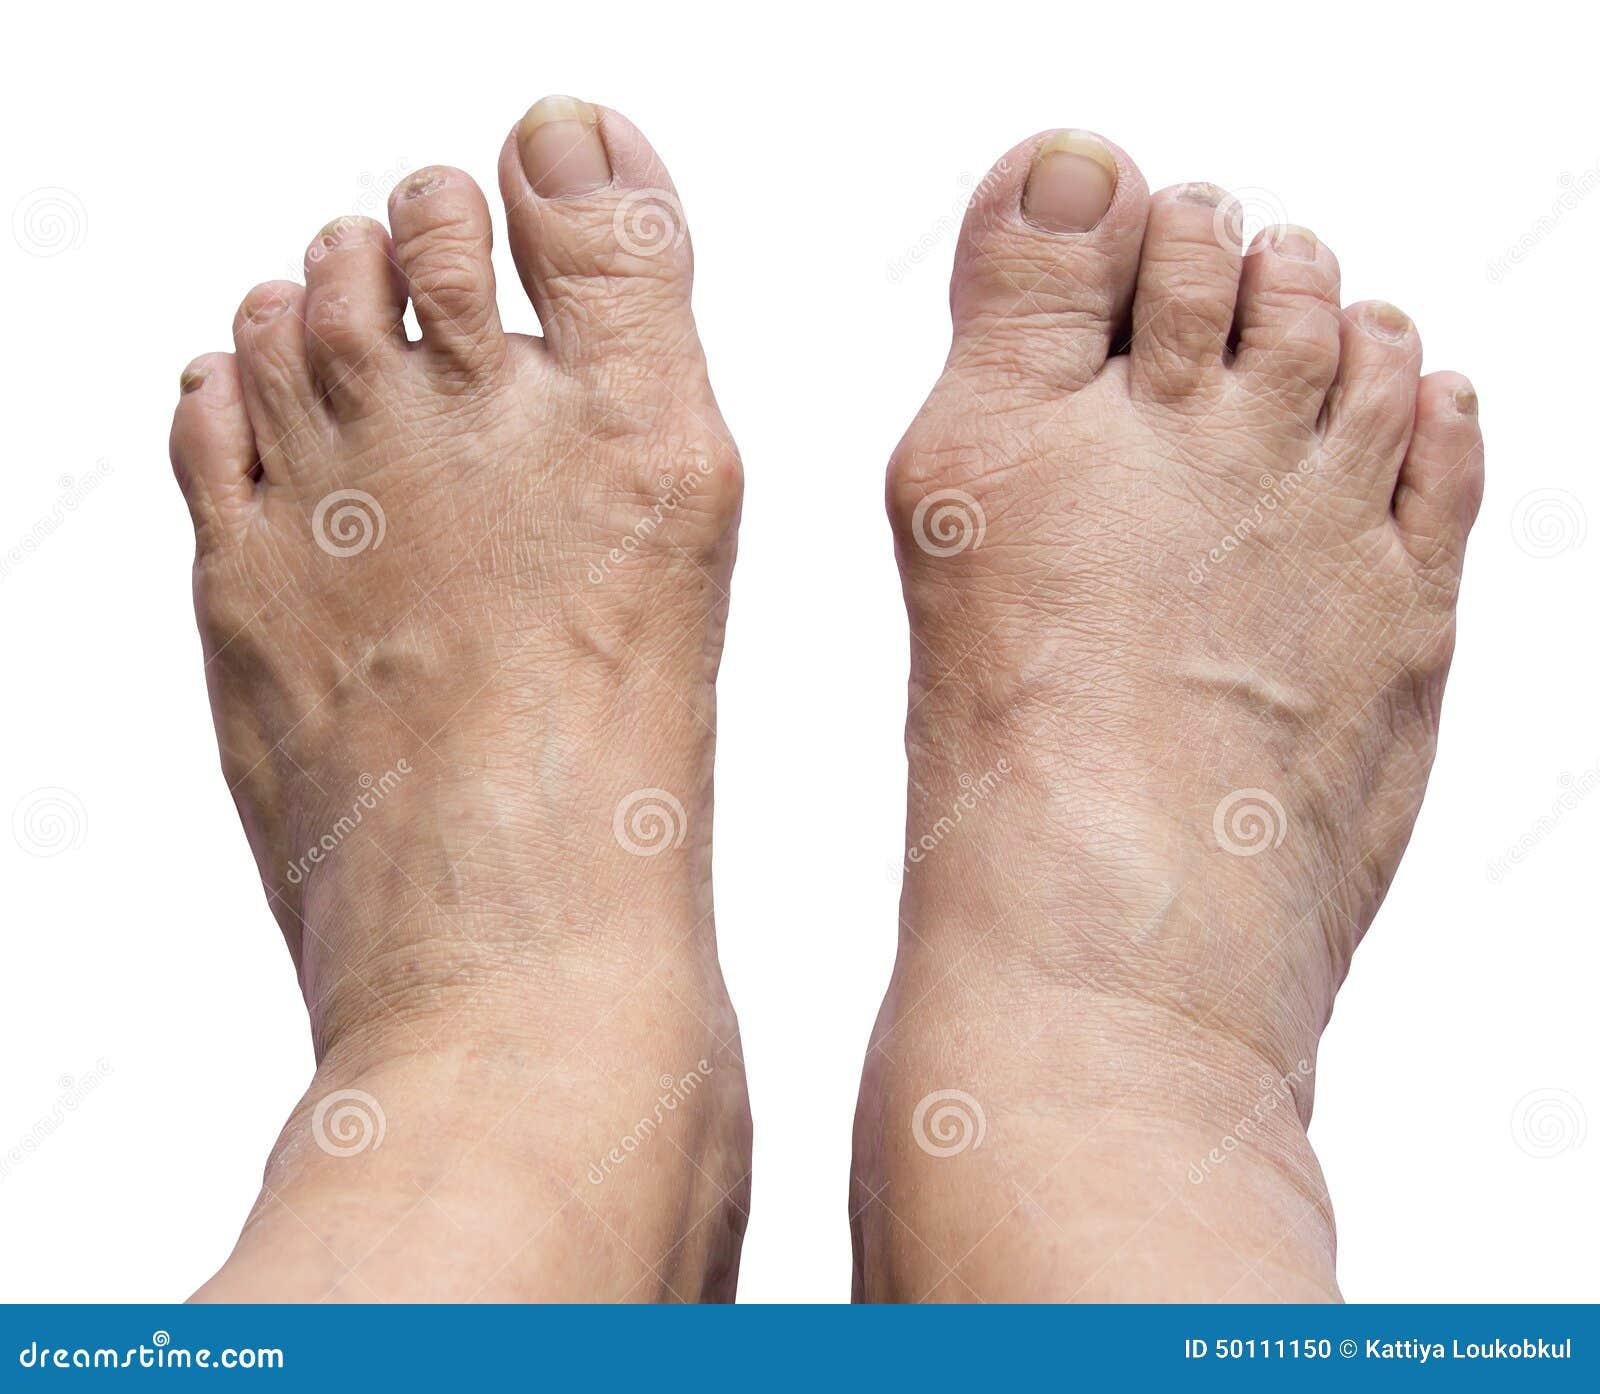 borsite alluce piede